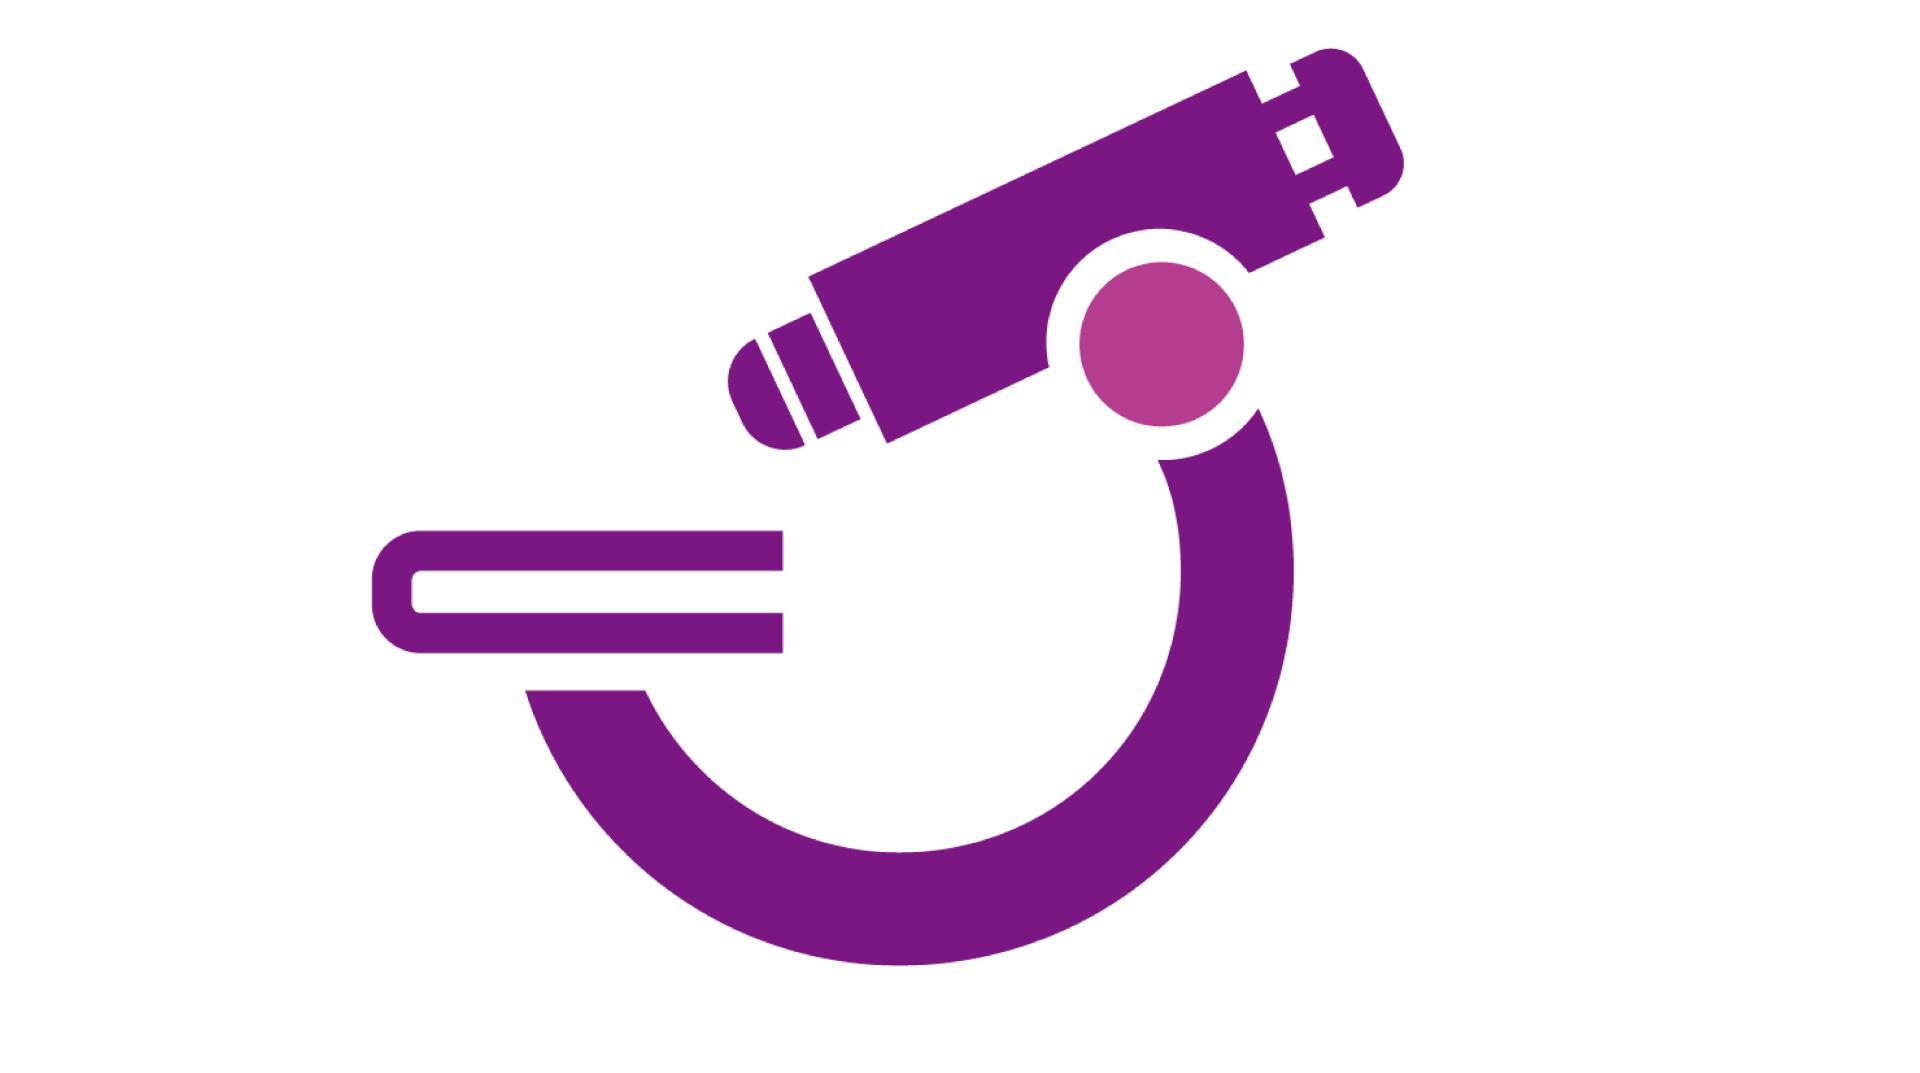 Microscopio-ifapes